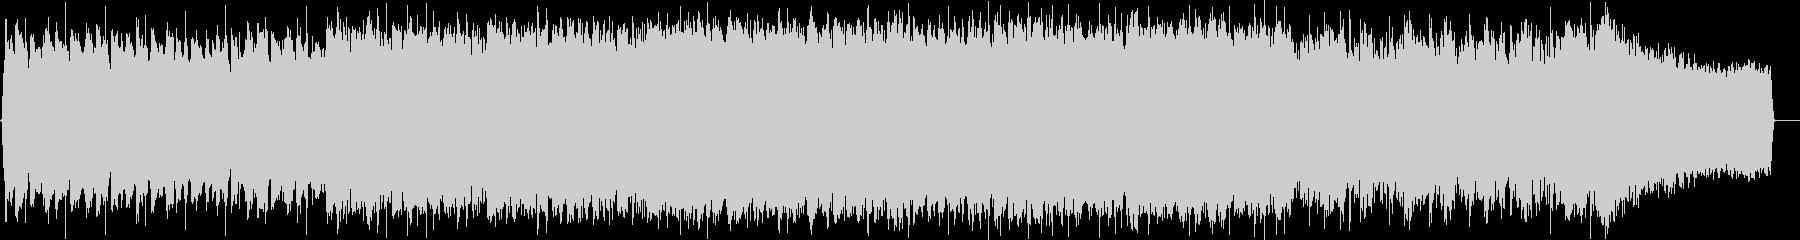 ロック イントロ ジングル 生演奏の未再生の波形